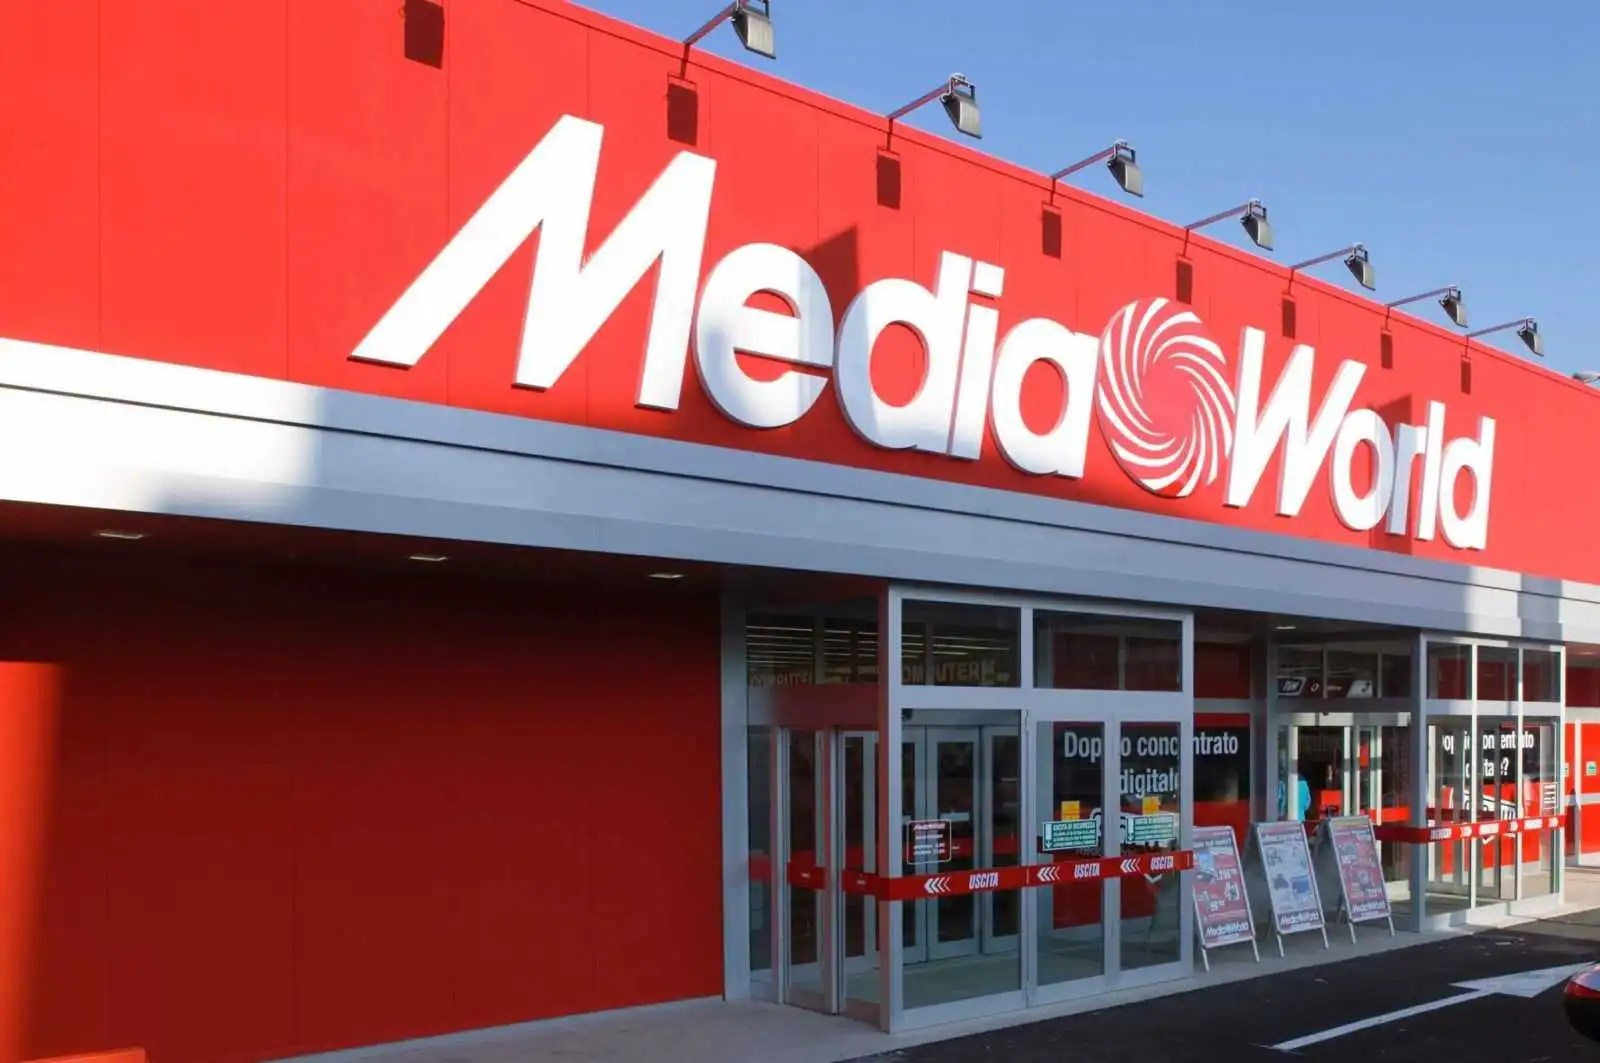 MediaWorld: via l'IVA sugli acquisti nei giorni 22 e 23 luglio